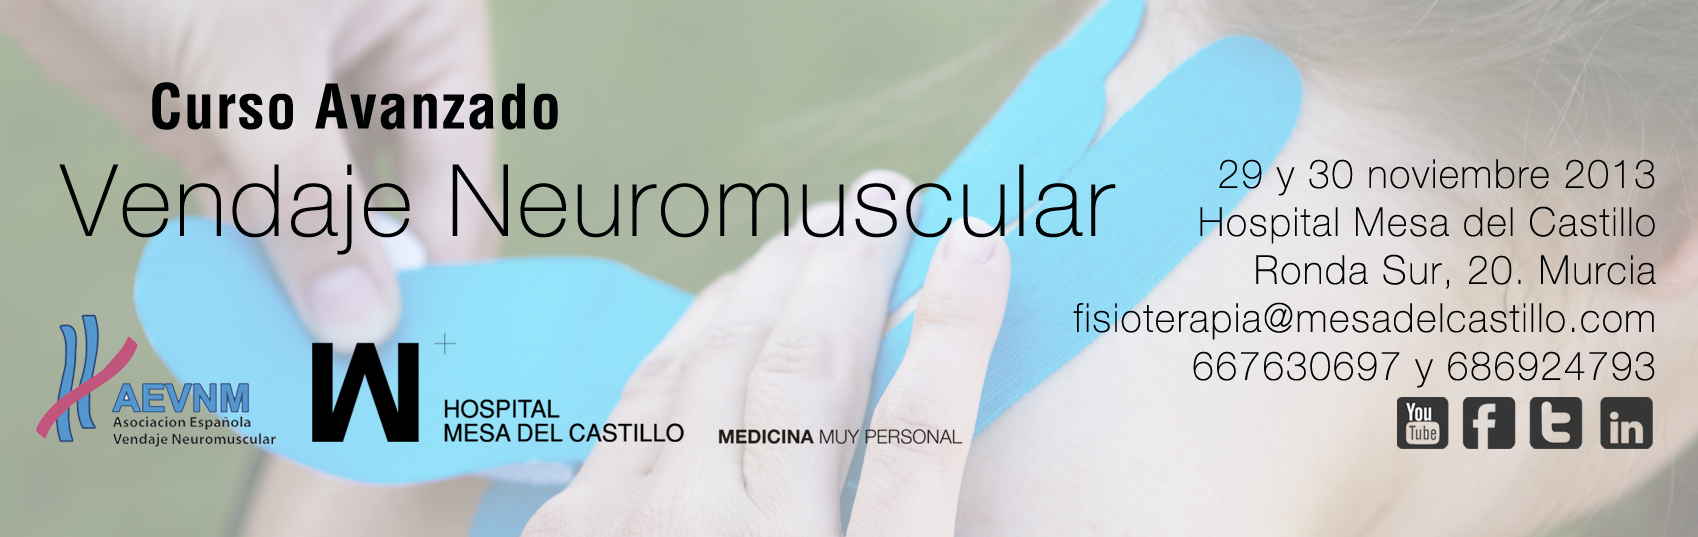 Curso Avanzado de Vendaje Neuromuscular